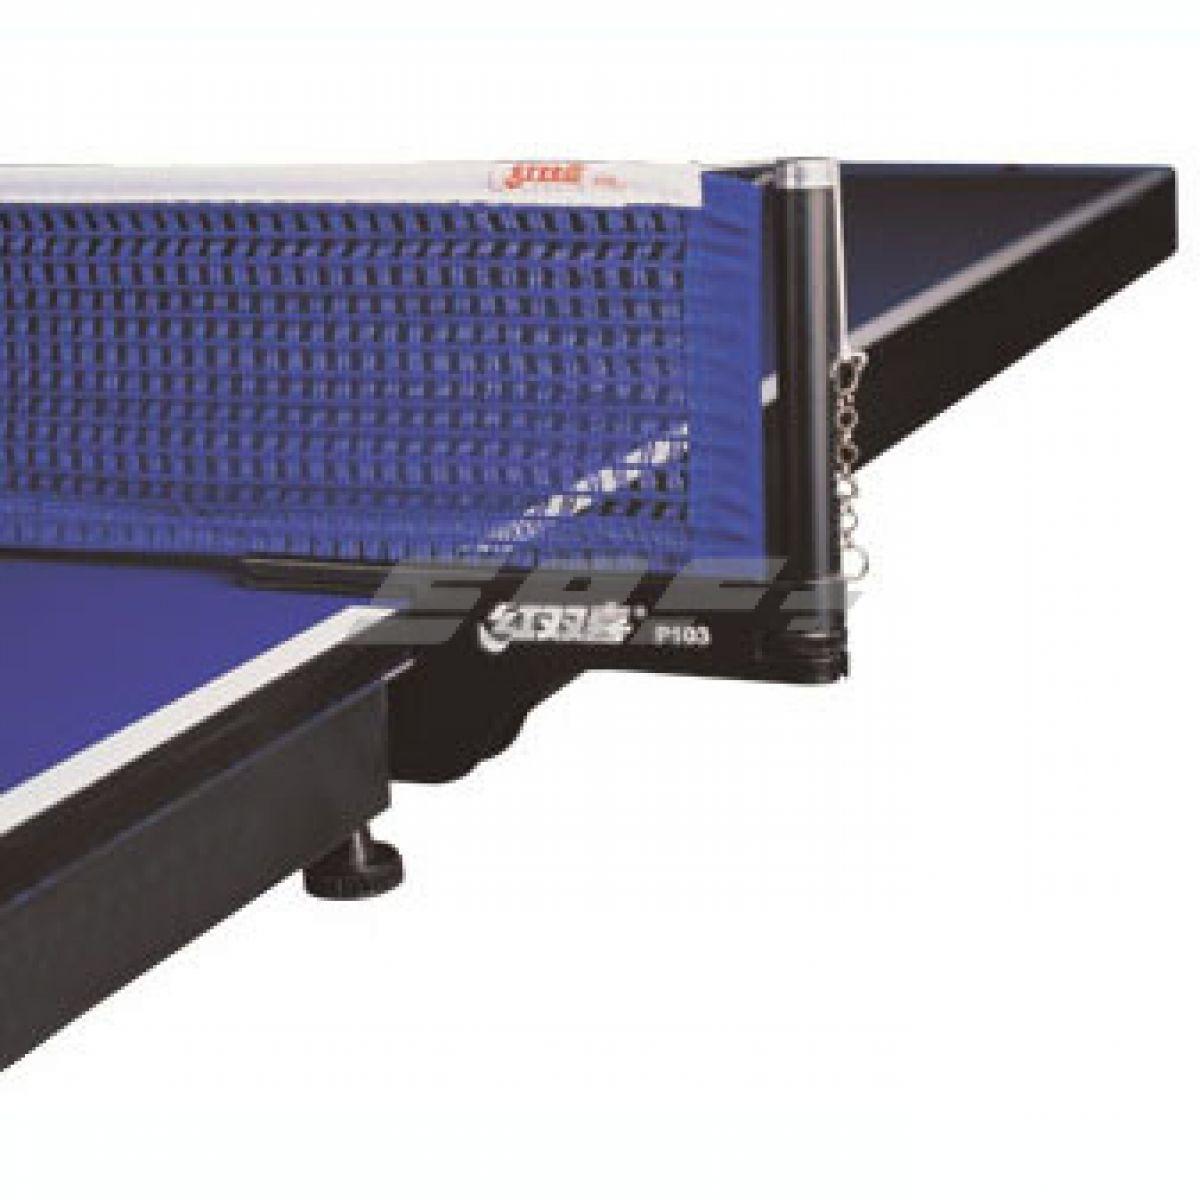 Сетка для настольного тенниса Сетка для наст. тенниса DHS P103 BLUE, в компл. с мет. стойками, измерит. высоты, синяя